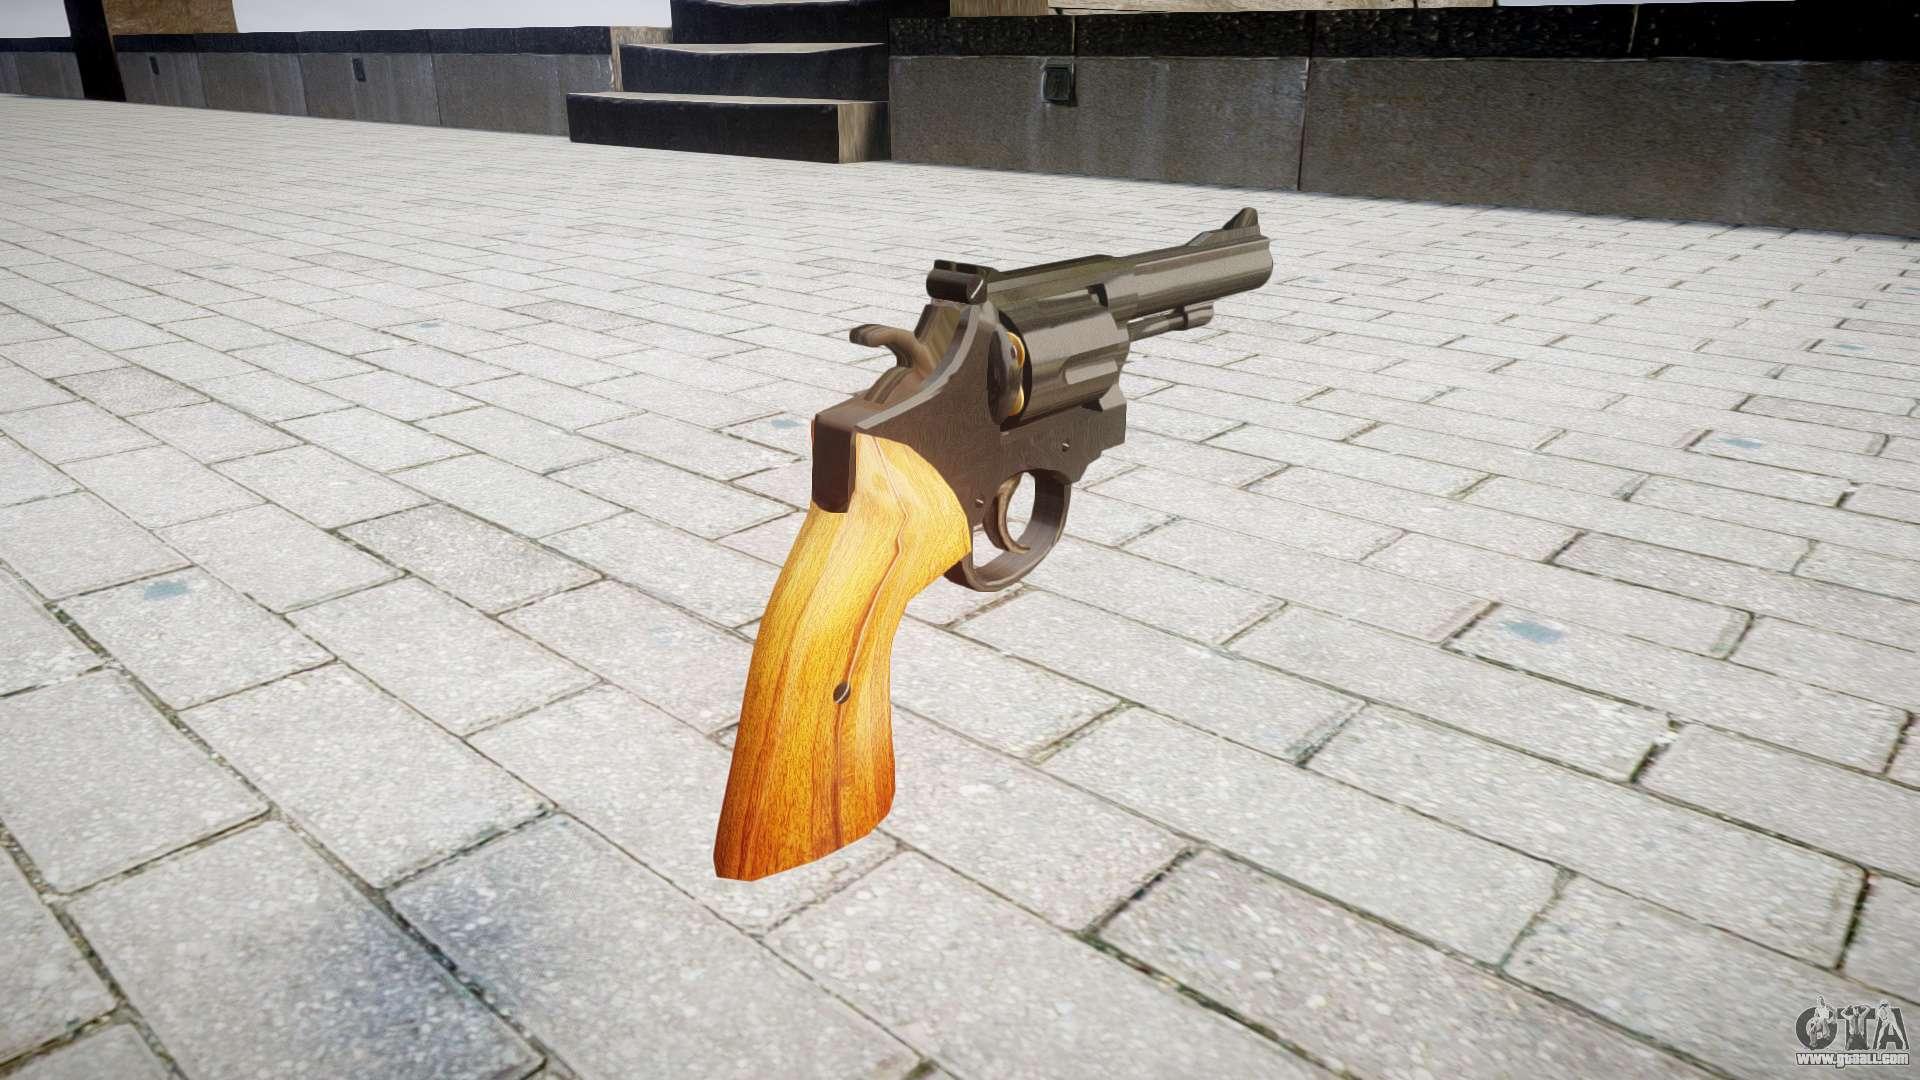 Revolver smith wesson for gta 4 revolver smith wesson for gta 4 second screenshot altavistaventures Images